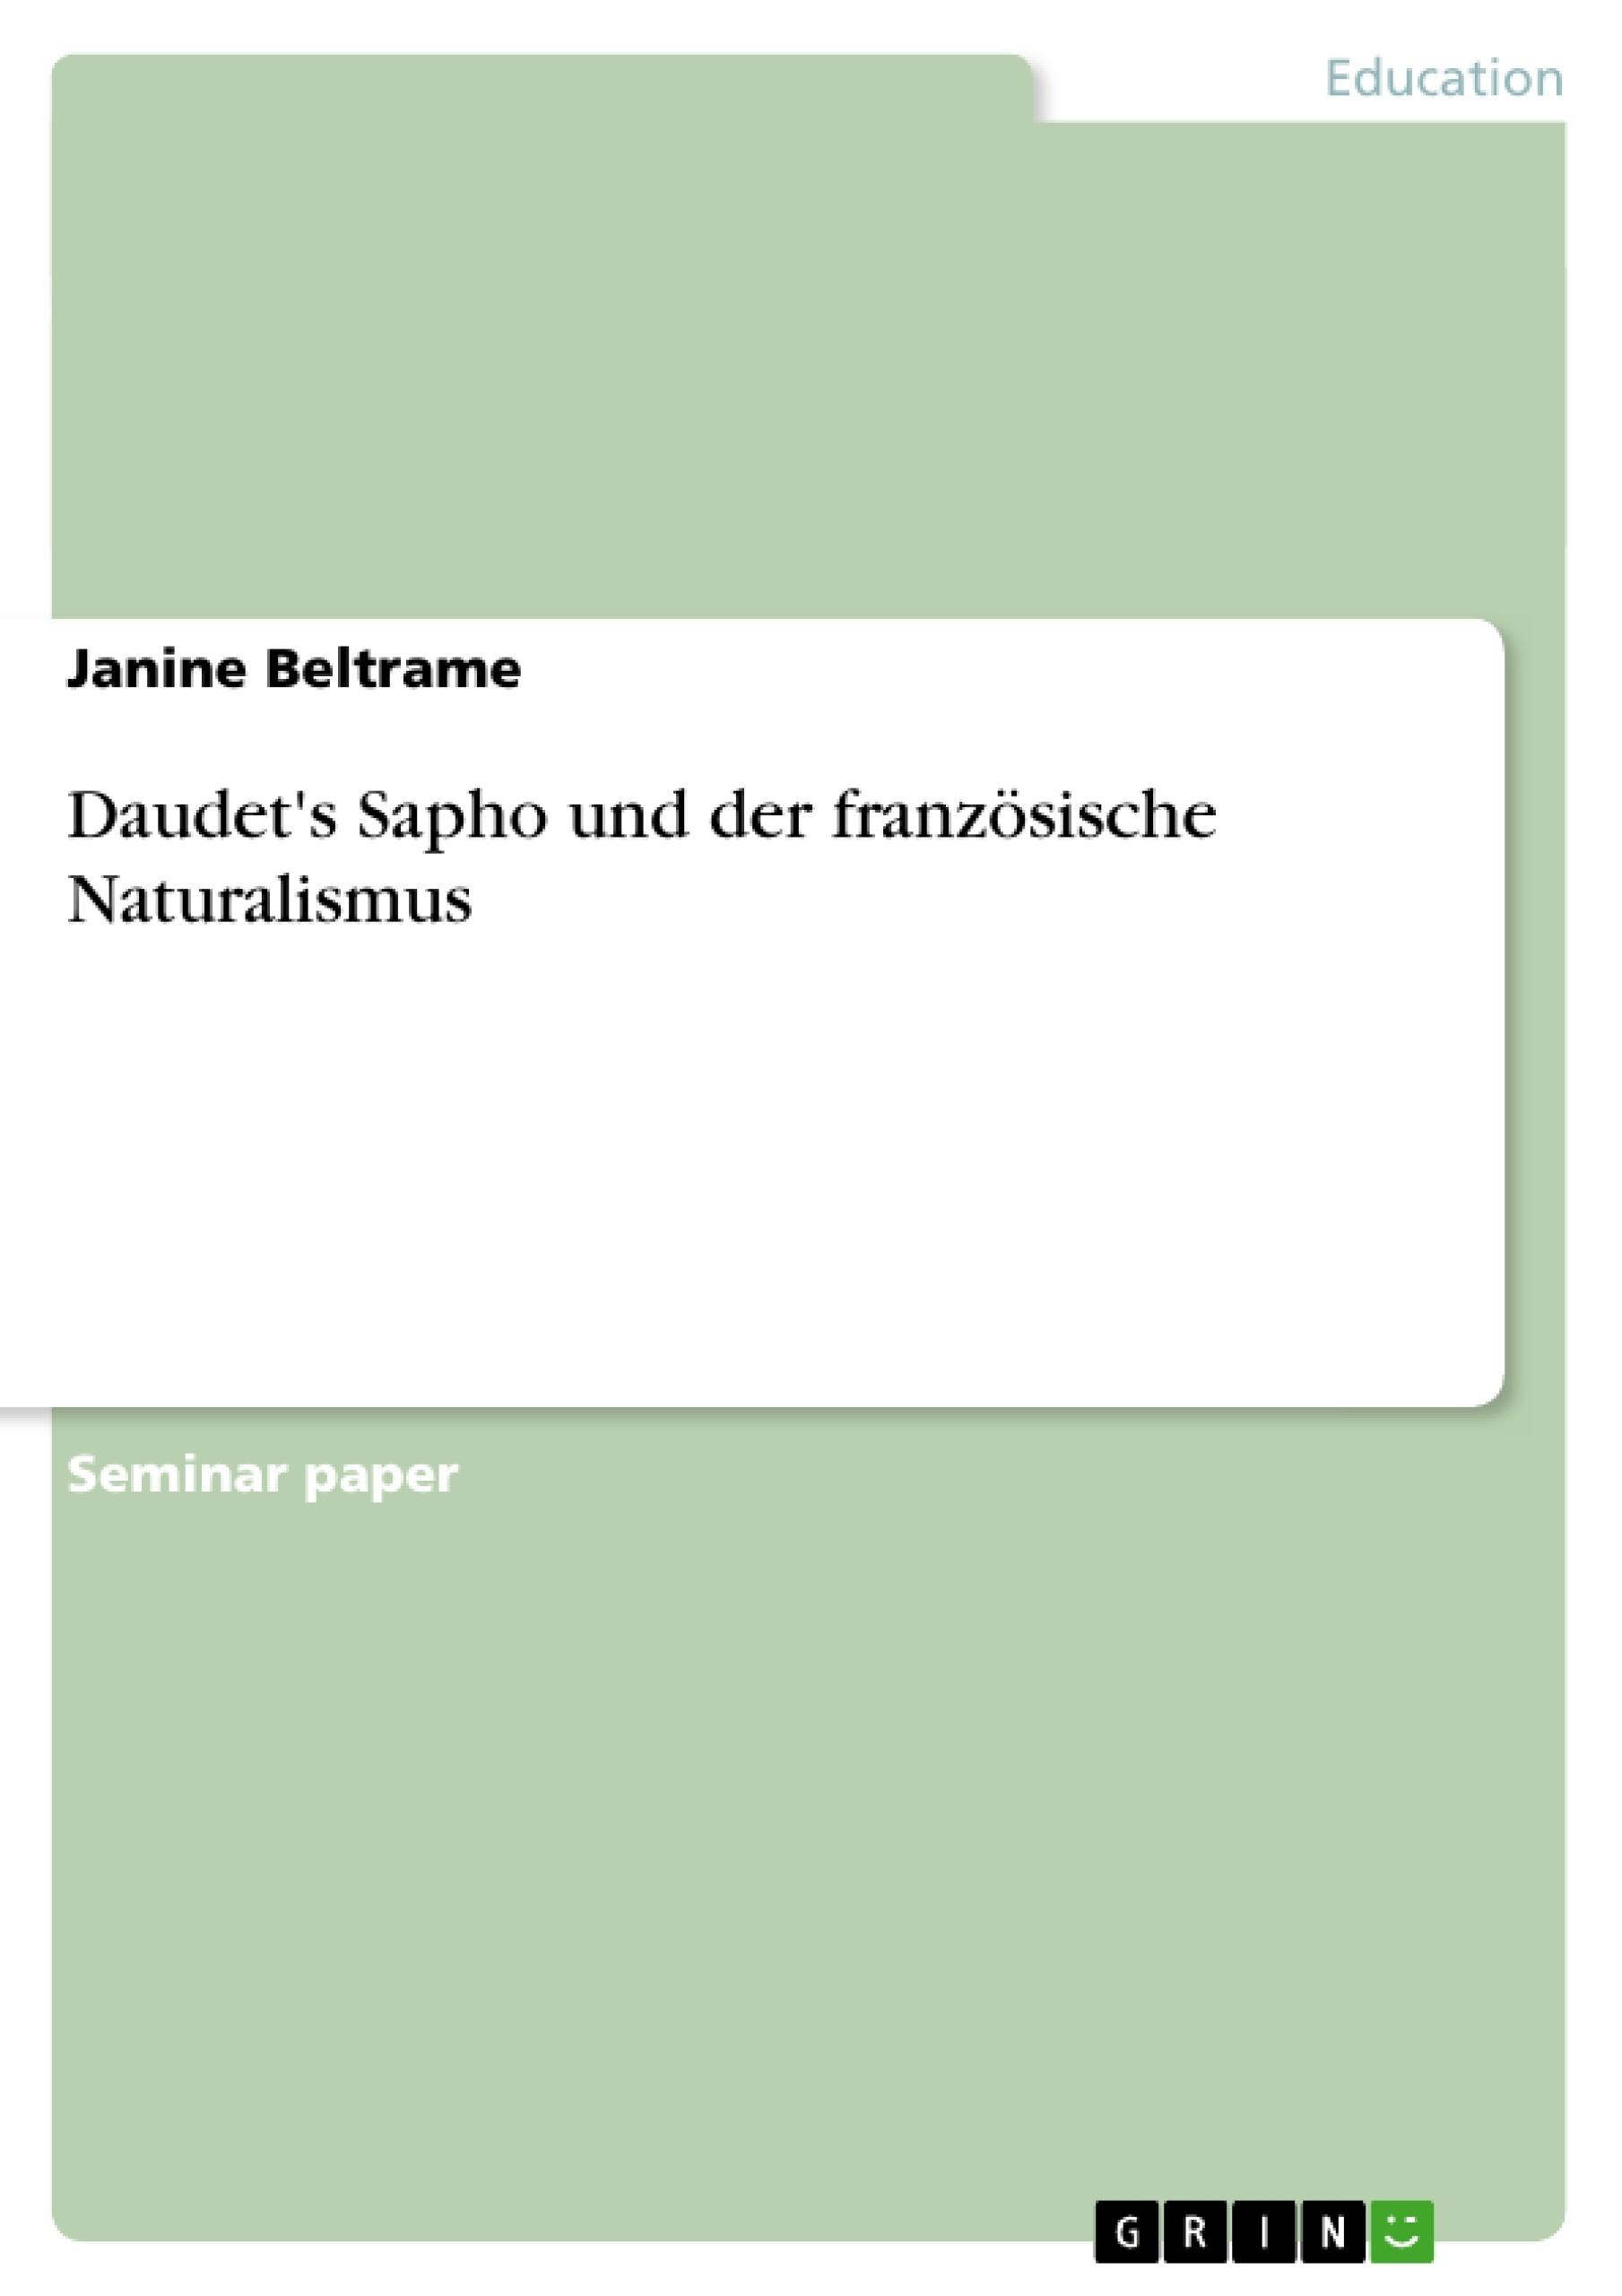 Titre: Daudet's Sapho und der französische Naturalismus